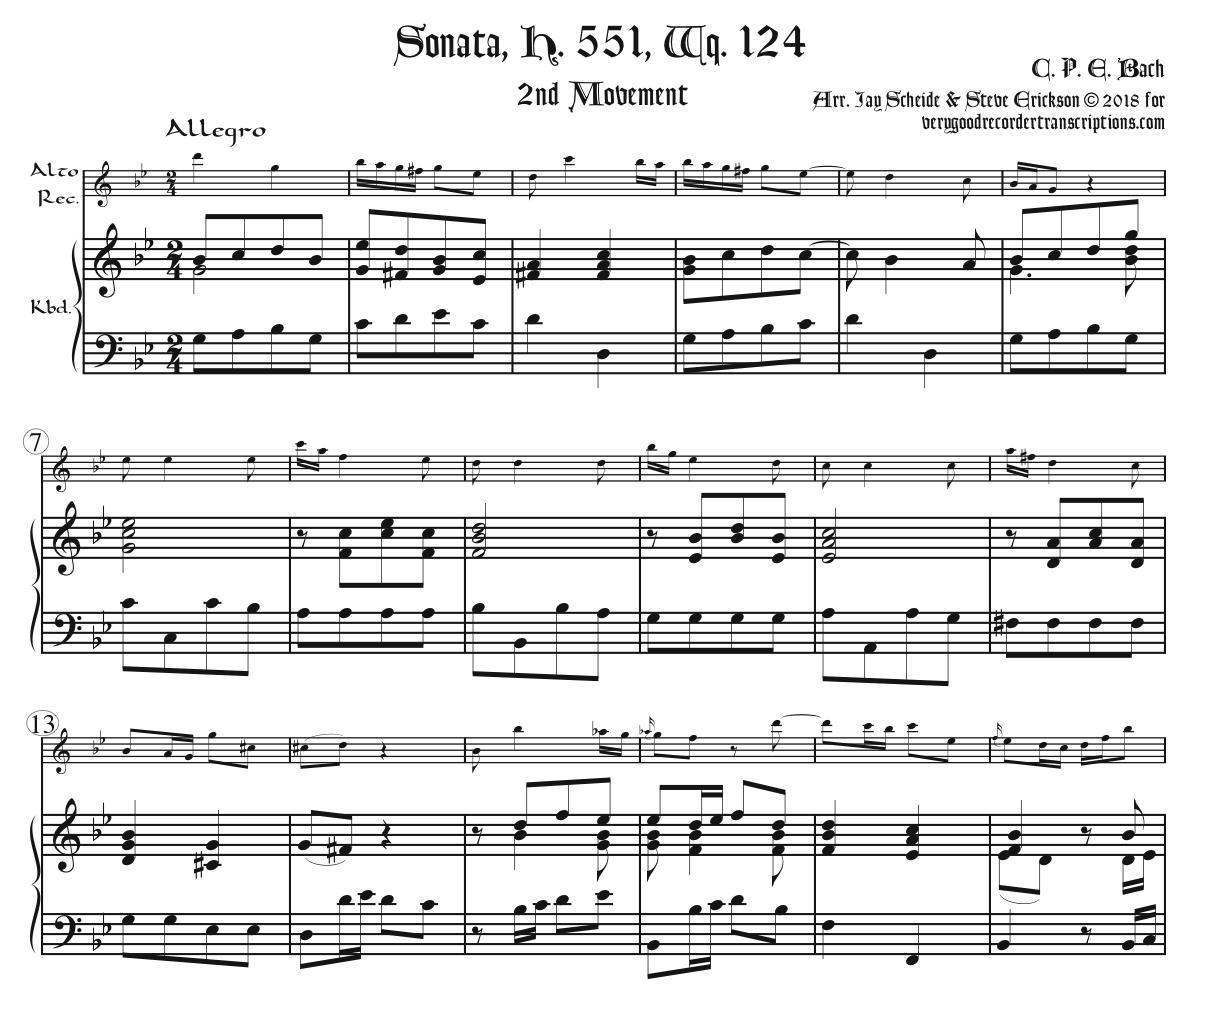 Sonata, H. 551, Wq. 124, complete